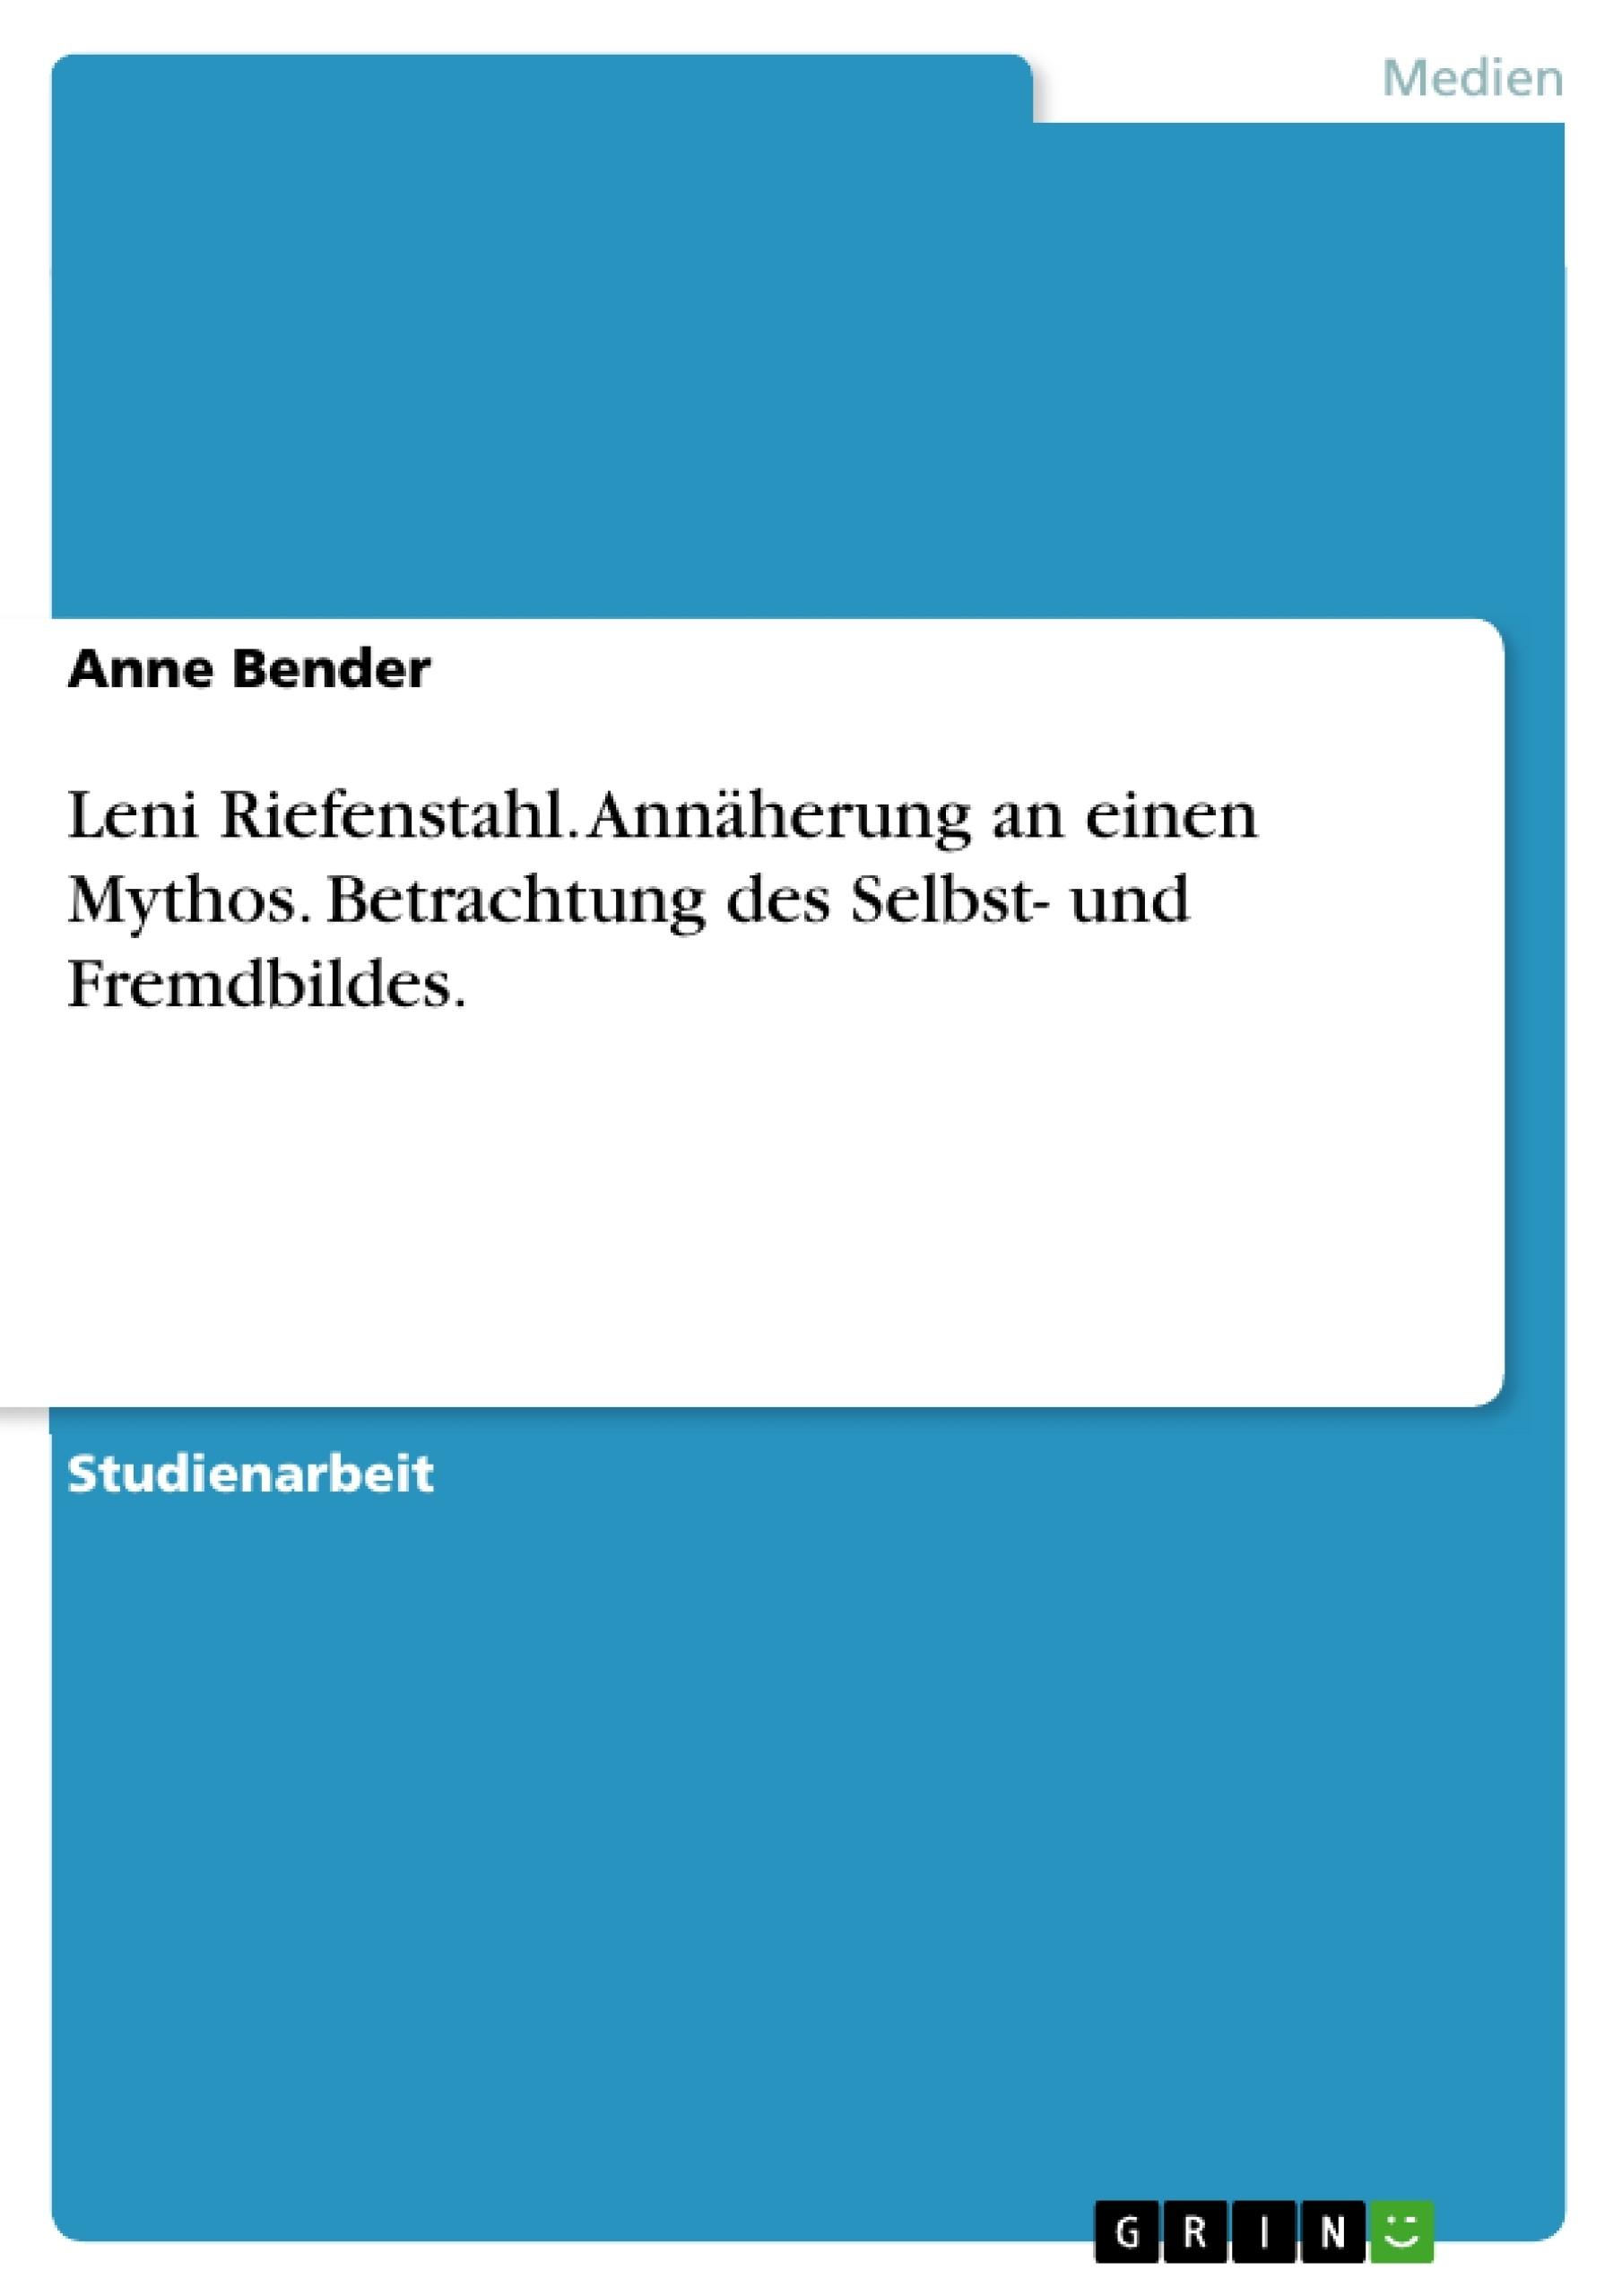 Titel: Leni Riefenstahl. Annäherung an einen Mythos. Betrachtung des Selbst- und Fremdbildes.